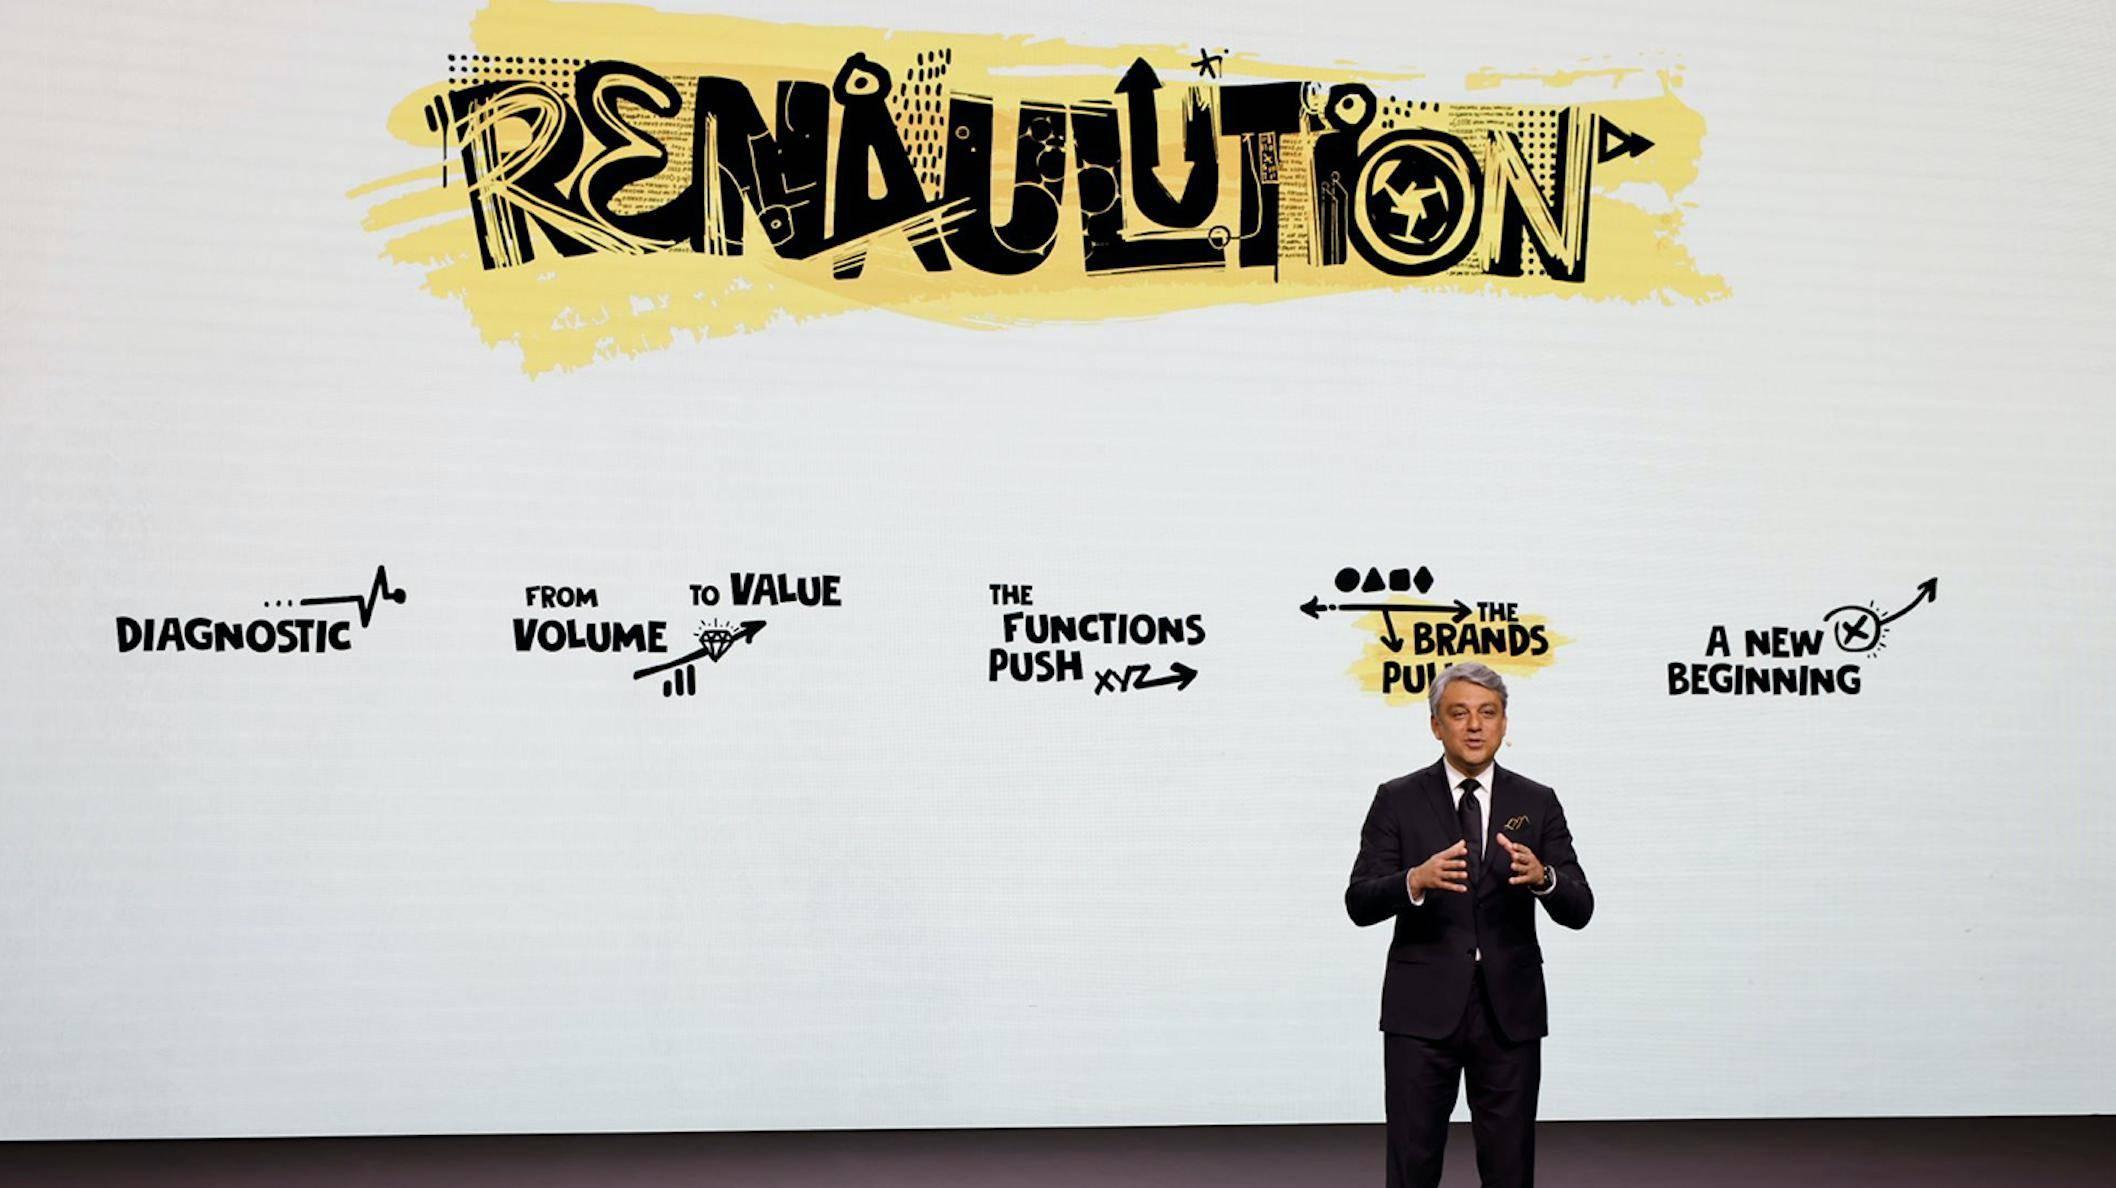 丰富产品/提升盈利 雷诺集团发布全新战略规划